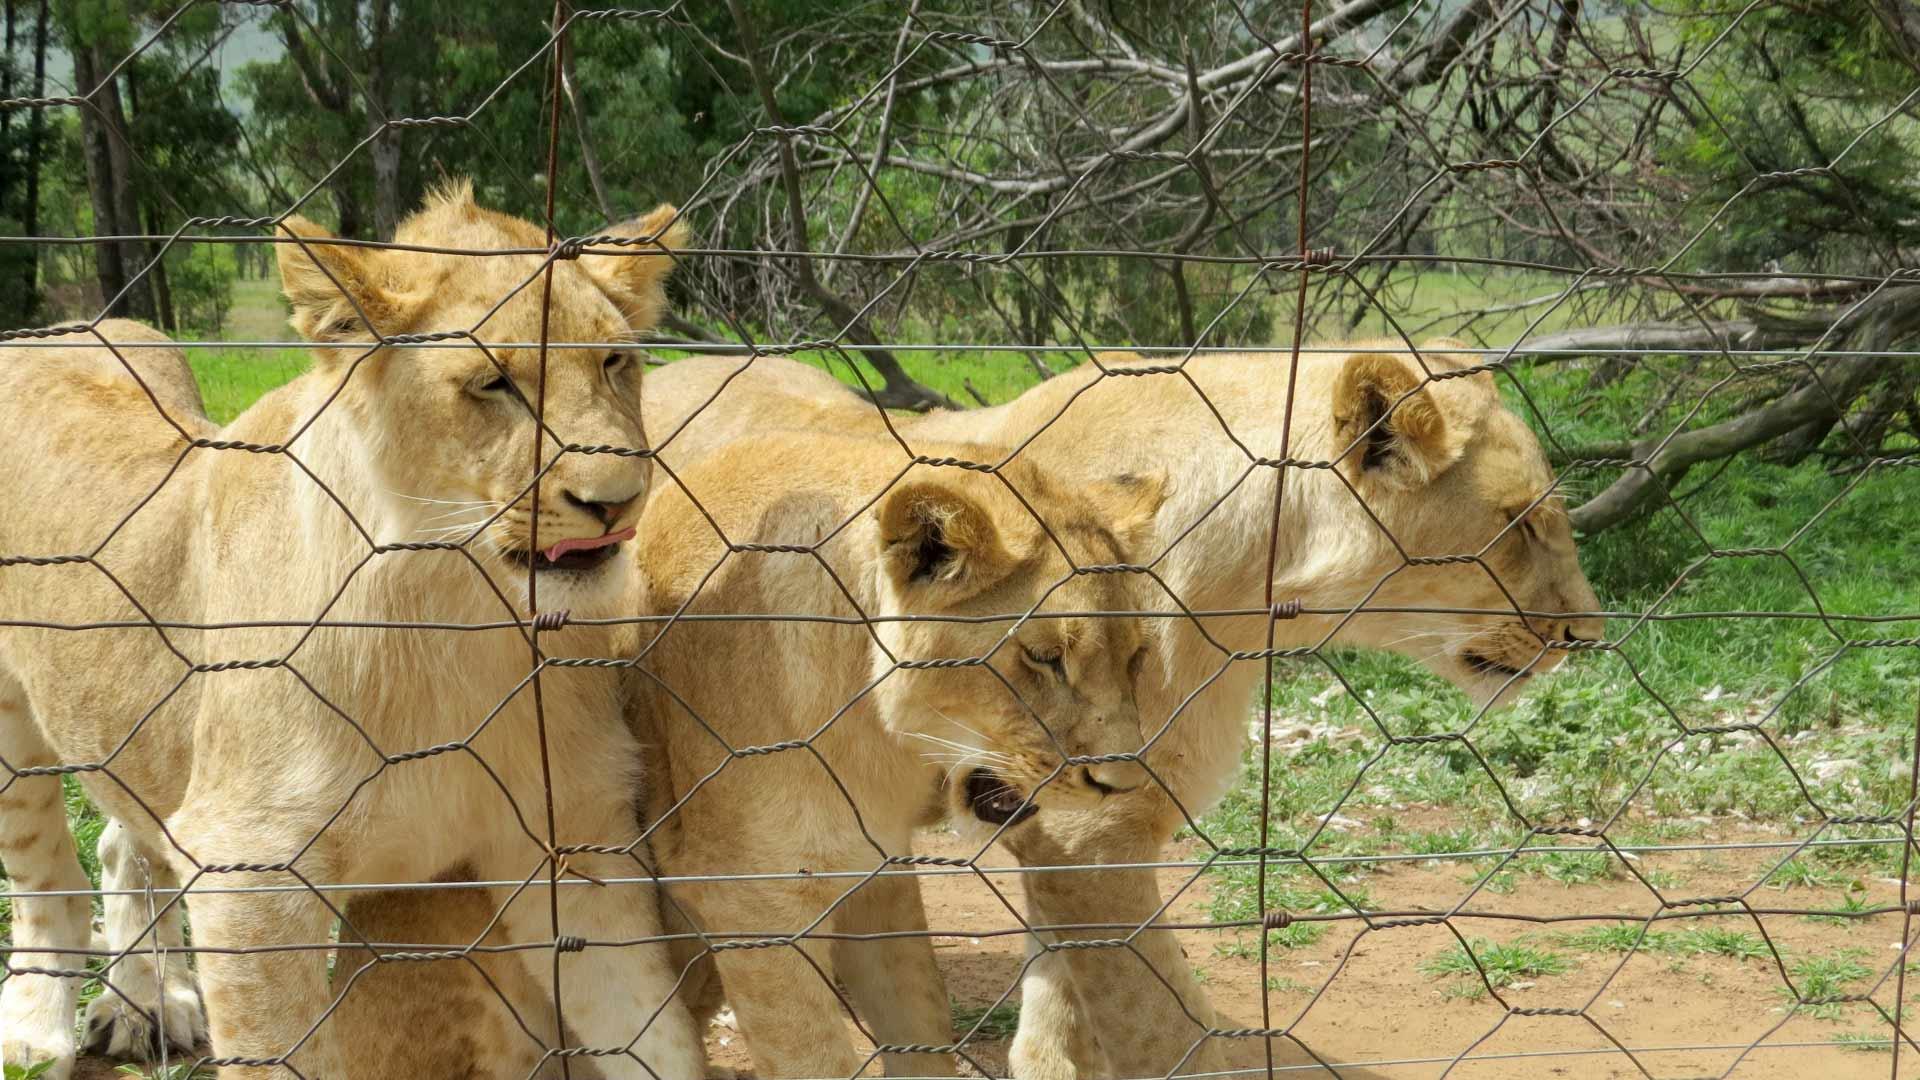 Löwen in Löwenfarm in Südafrika